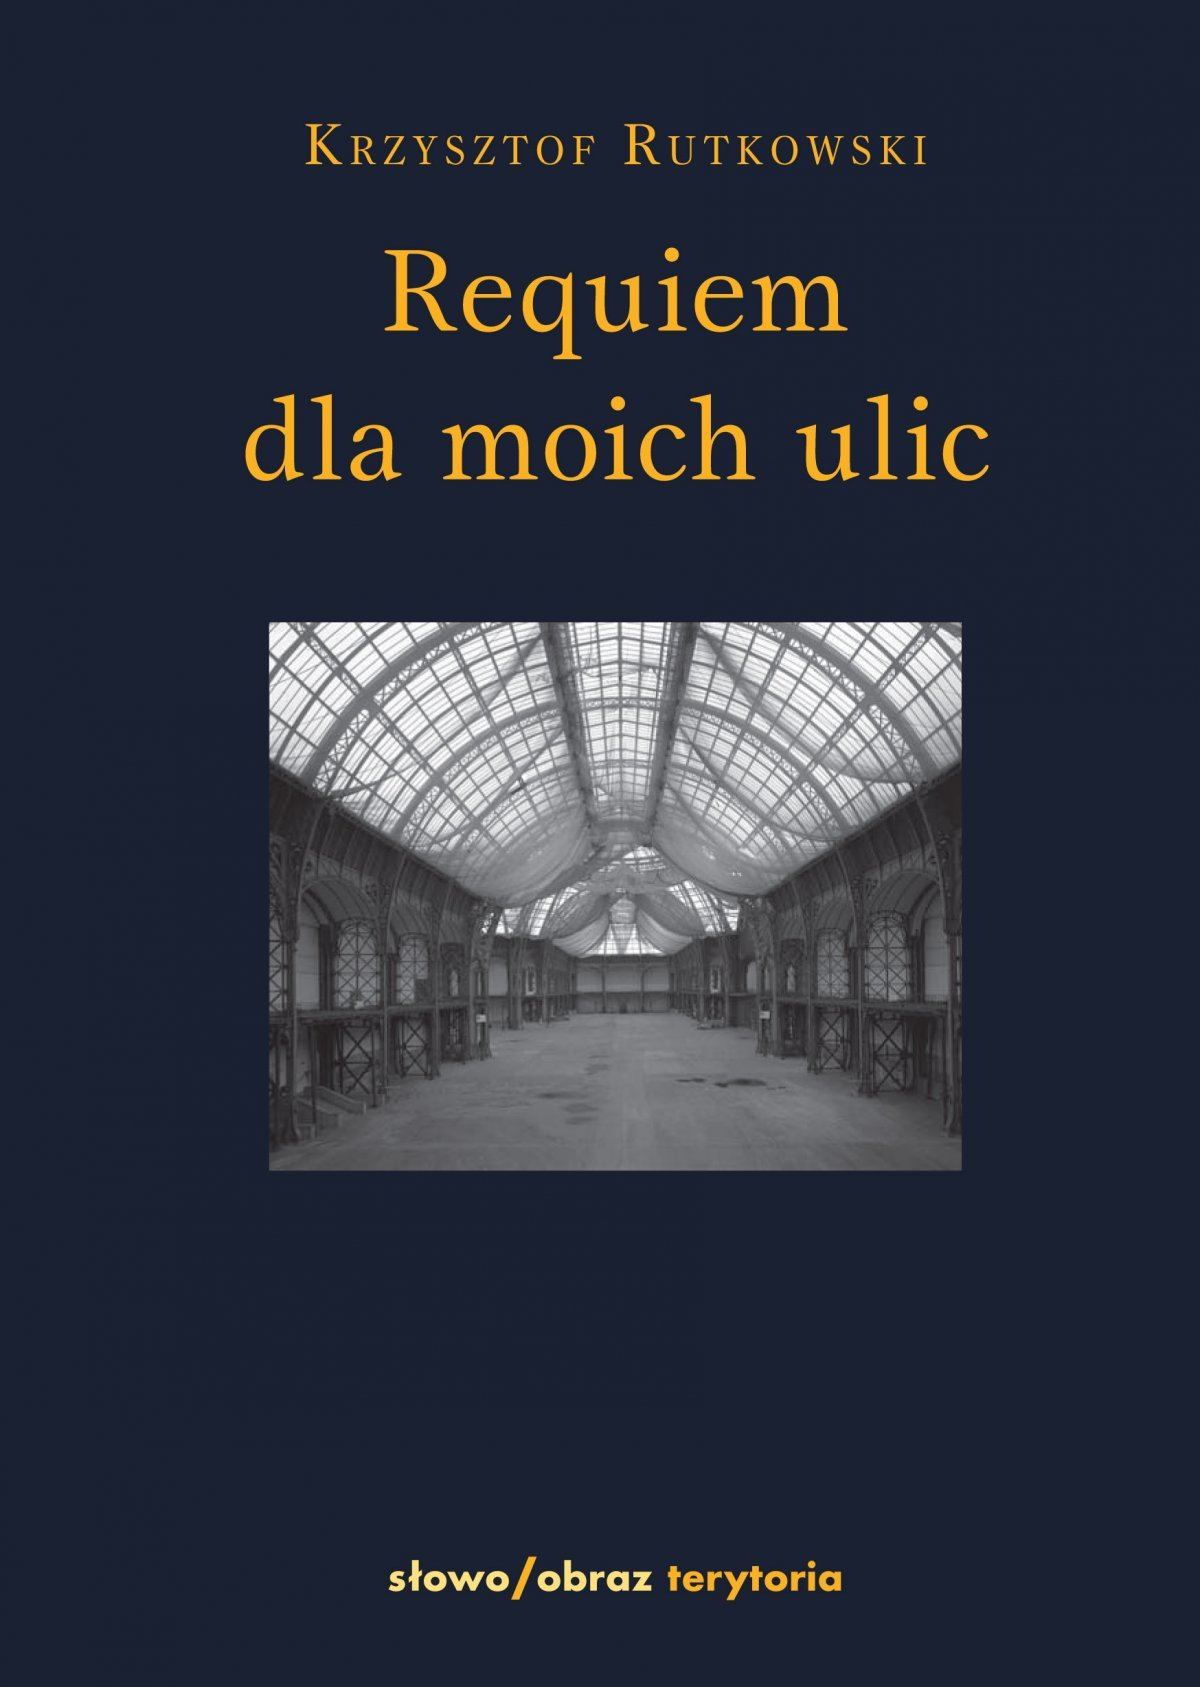 Requiem dla moich ulic - Ebook (Książka EPUB) do pobrania w formacie EPUB